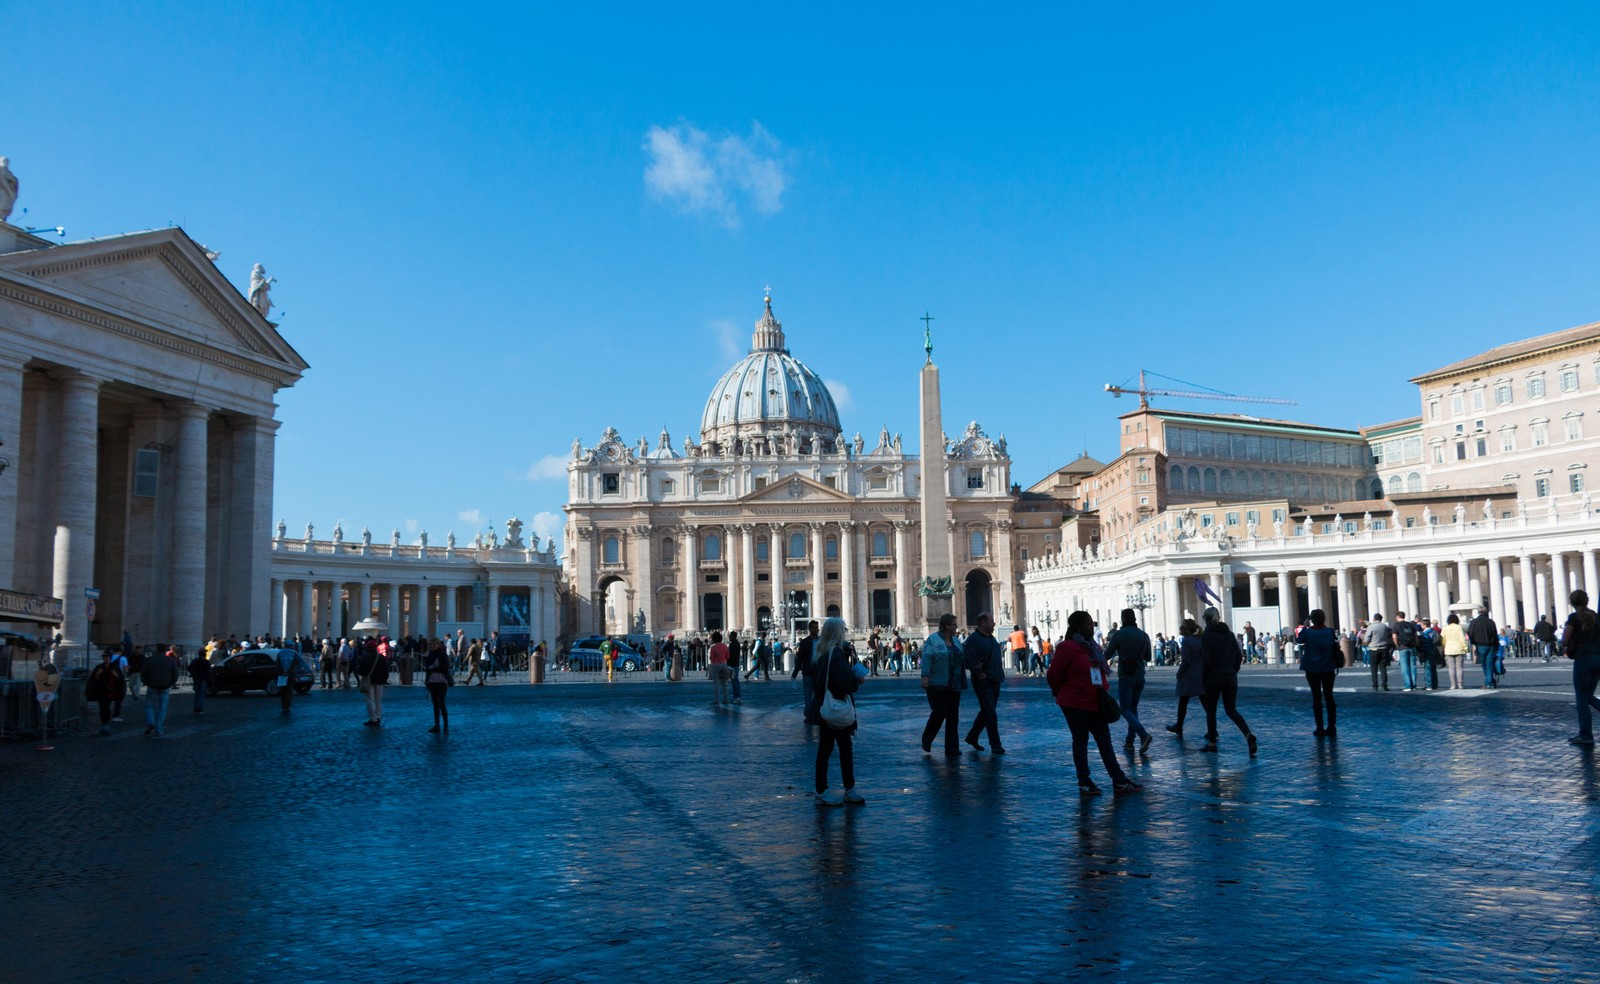 「バチカンの美しきサン・ピエトロ広場」の写真